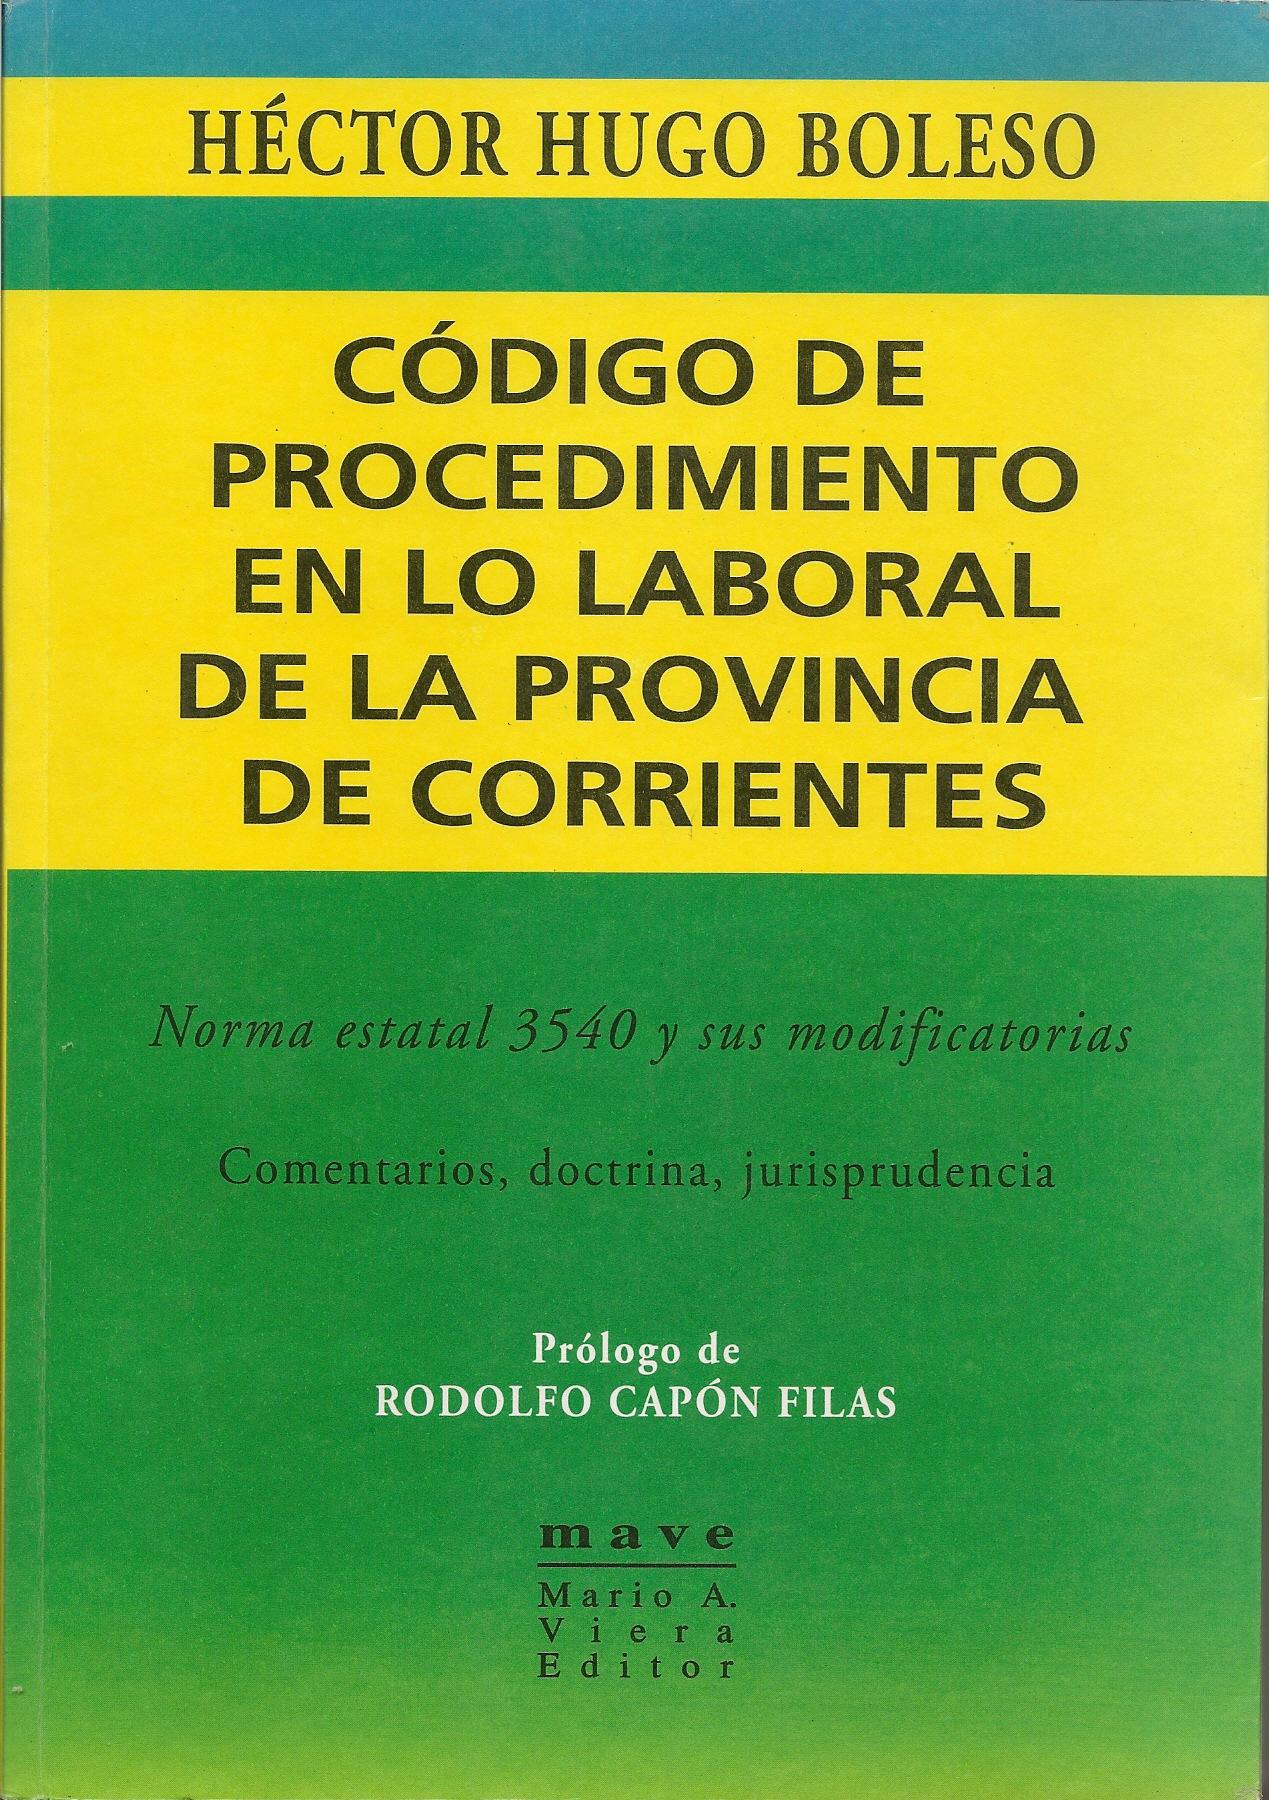 Código de Procedimiento en lo Laboral de la Provincia de Corrientes